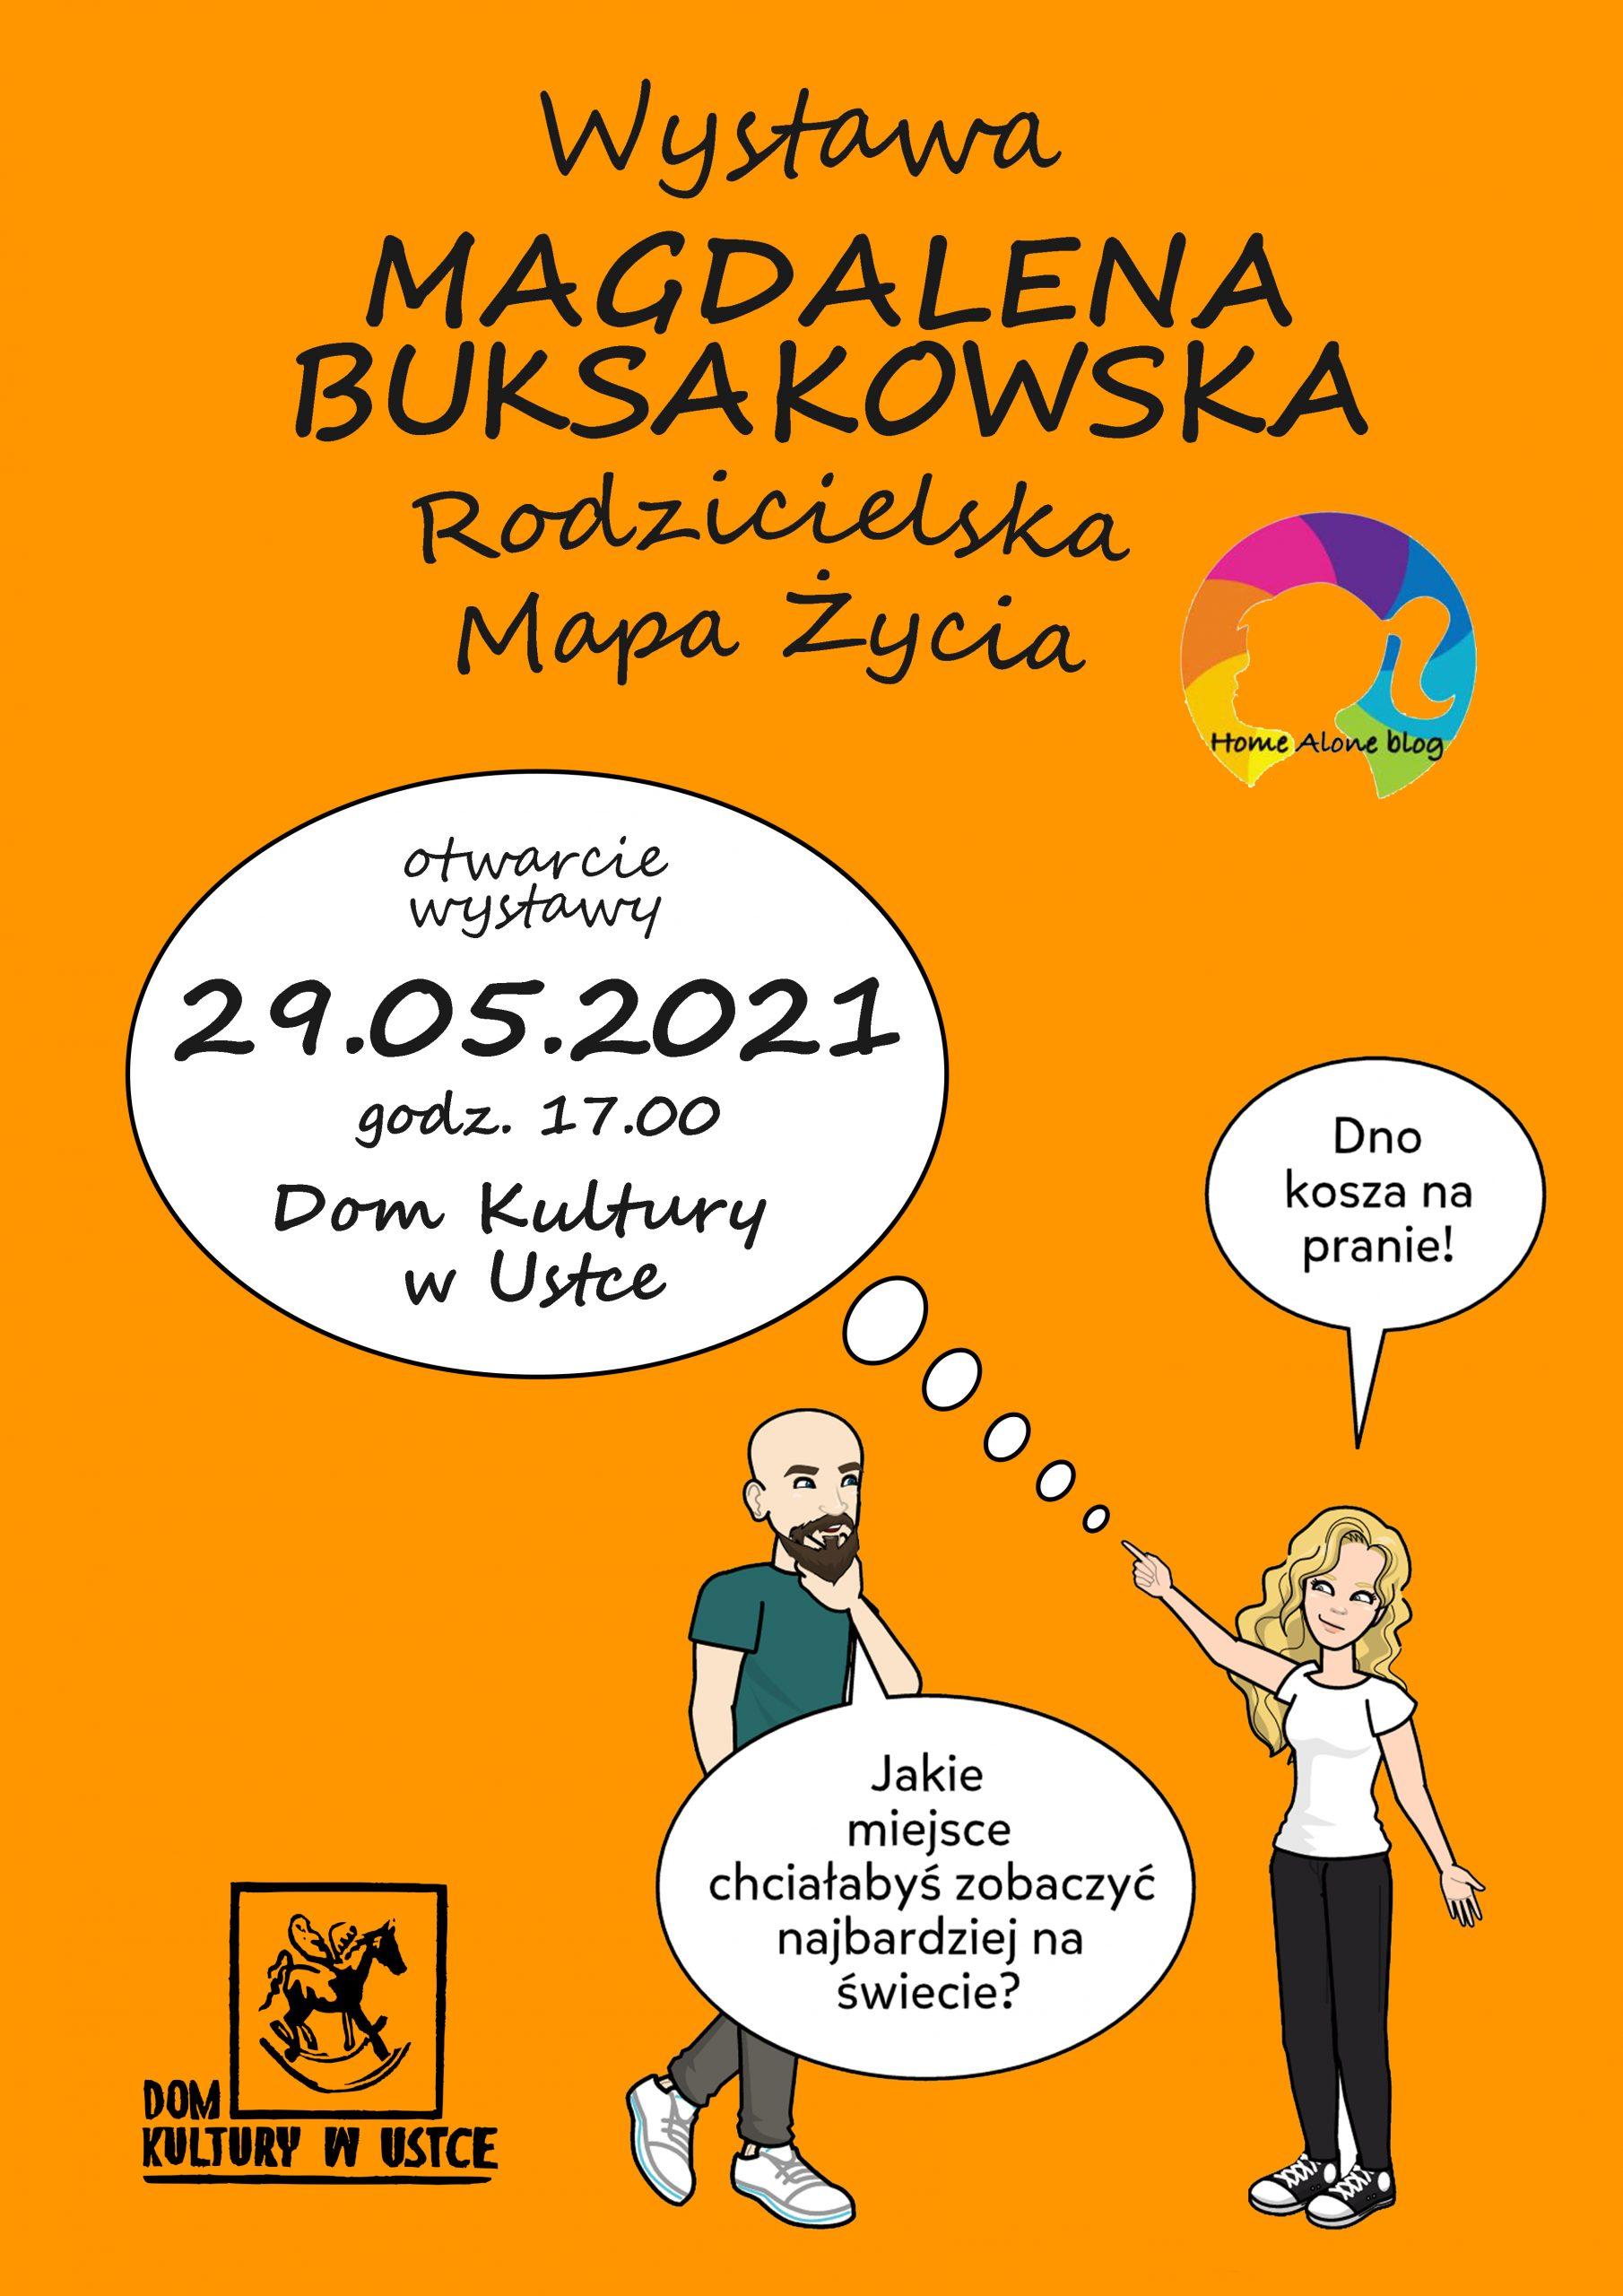 plakat; na pomarańczowym tle, kobieta i mężczyzna rozmawiają, tekst w dymkach, informacja o wystawę Rodzicielska Mapa Życia